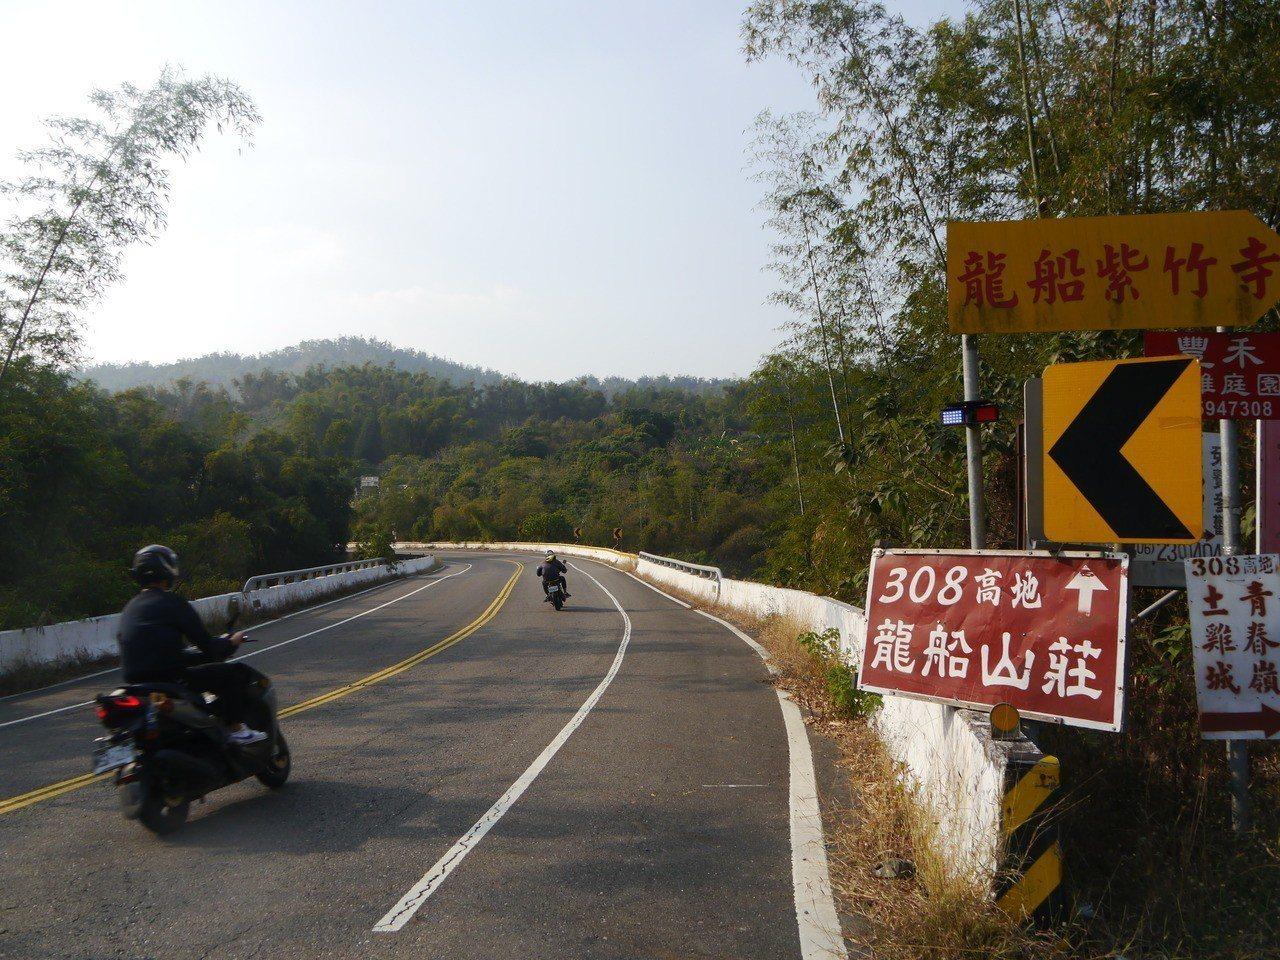 高182線道是高雄通往台南的重要道路,沿線彎道多,車禍頻傳。記者徐白櫻/攝影